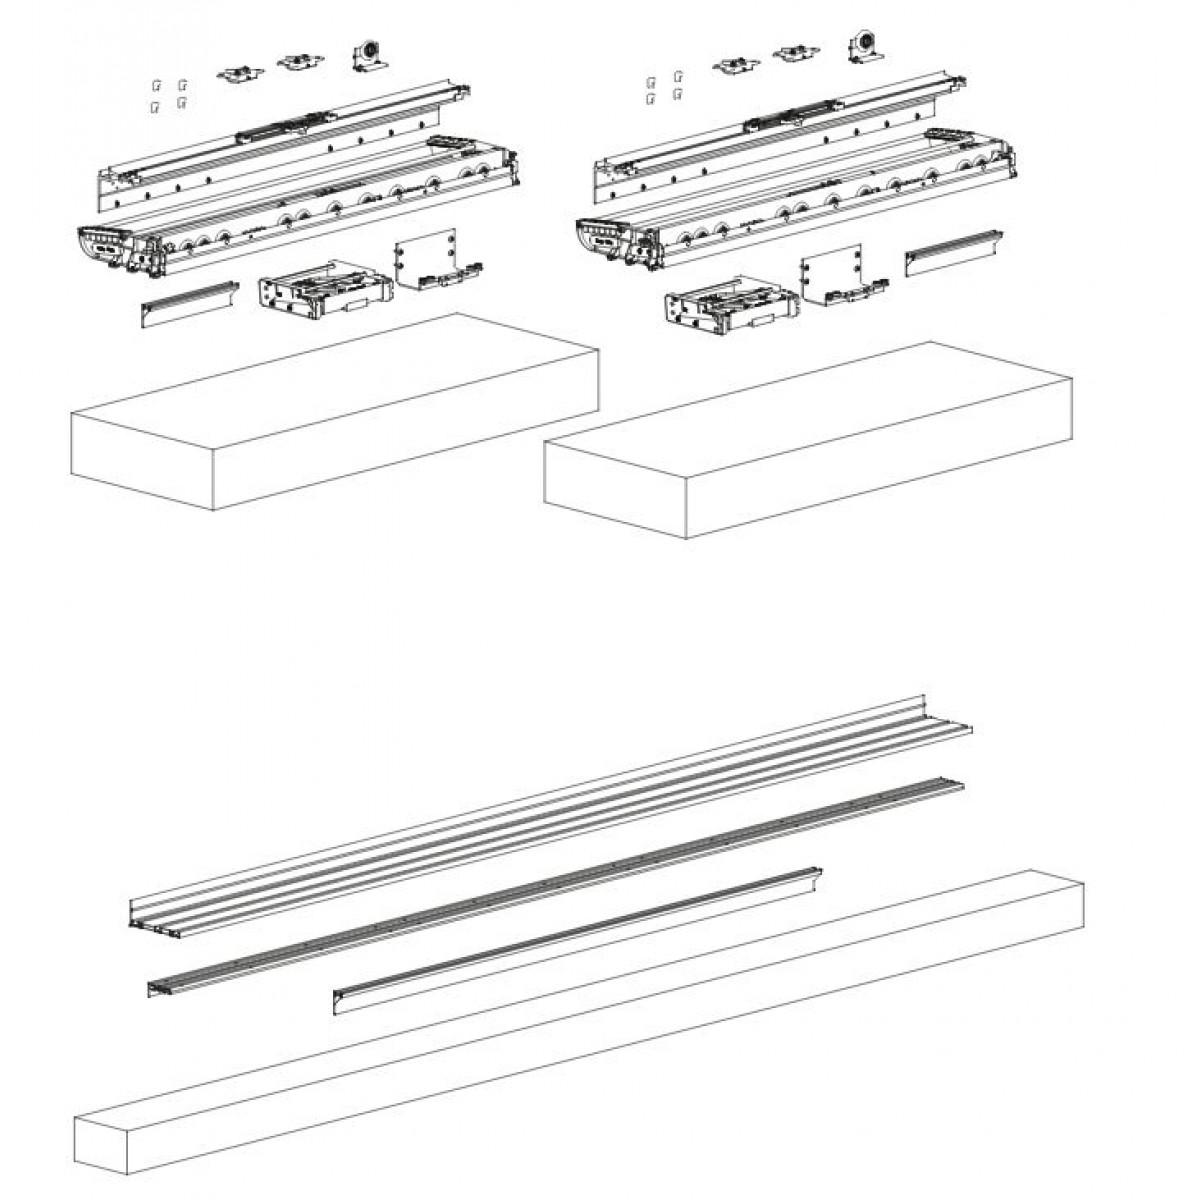 Meccanismo Ante Scorrevoli Complanari.Sistema Complanare Unico Per 2 Ante Scorrevoli Art 1200 1500 Ternoscorrevoli